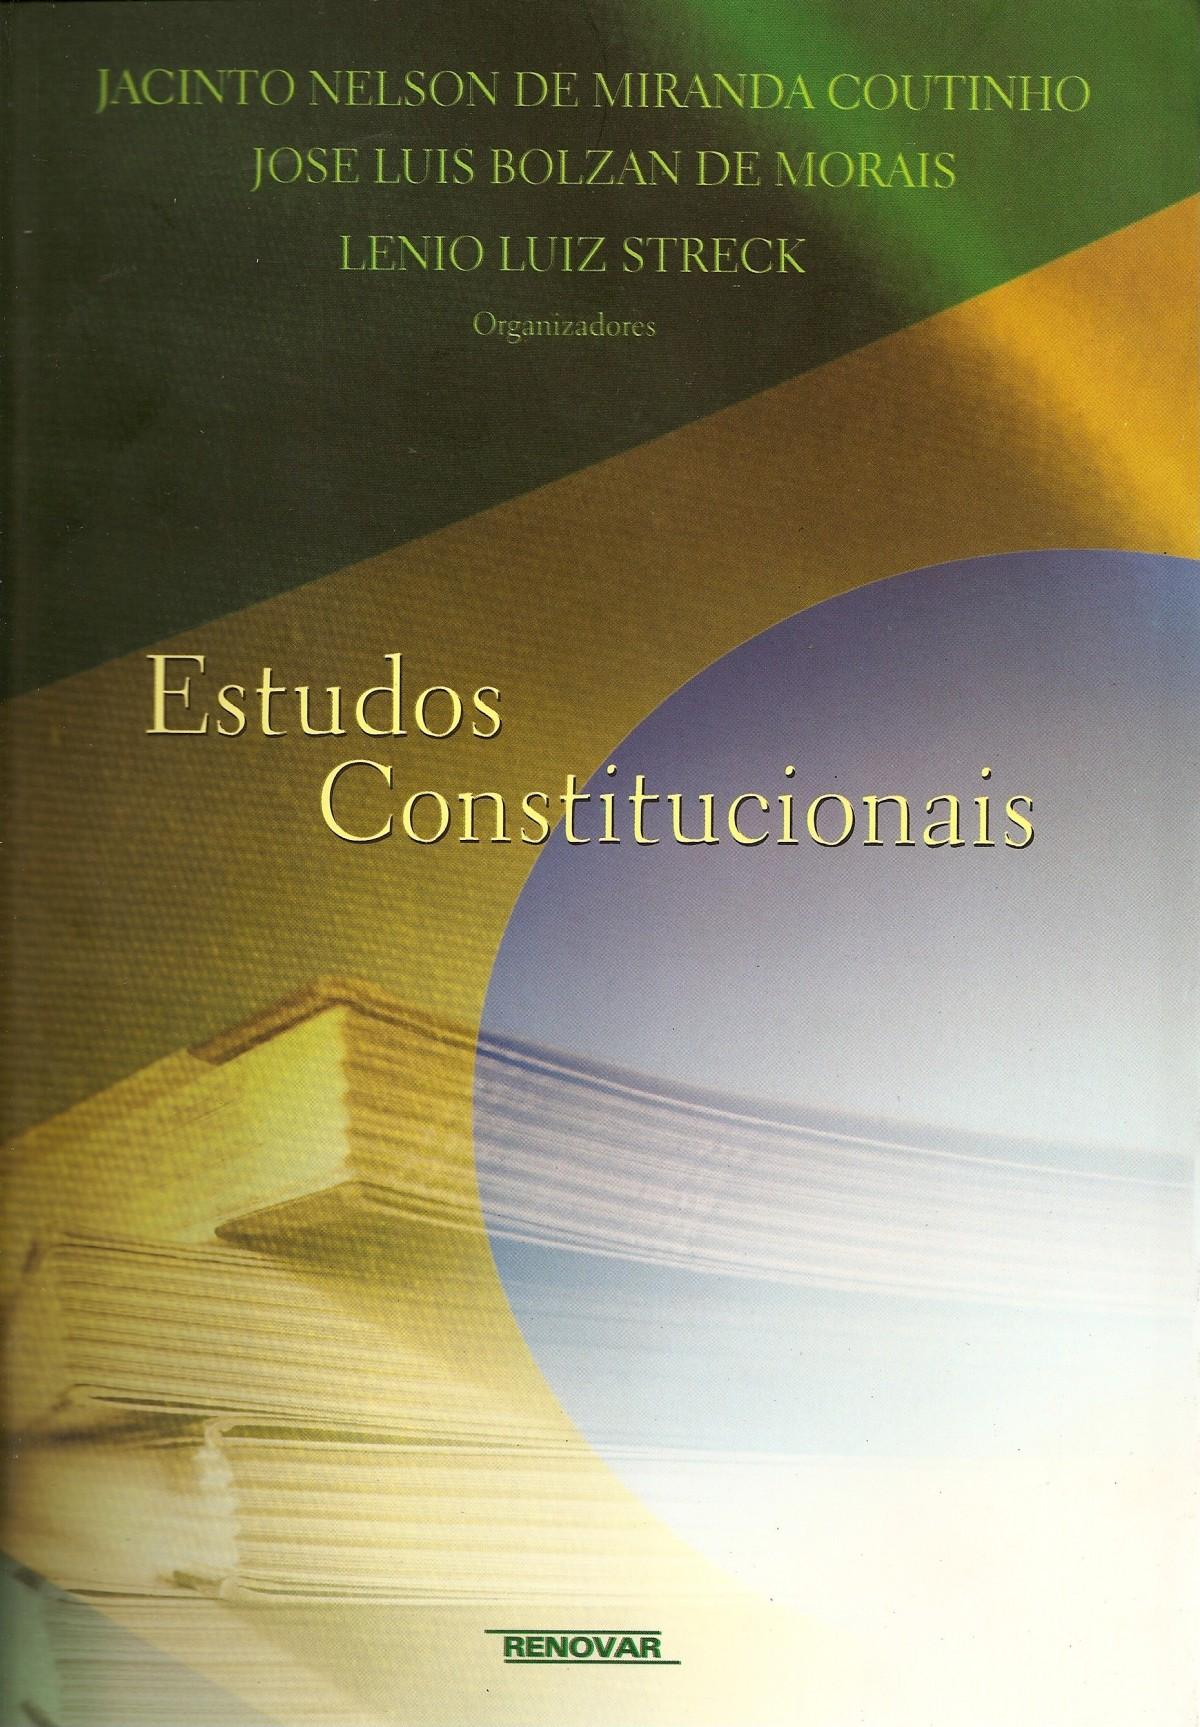 Foto 1 - Estudos Constitucionais